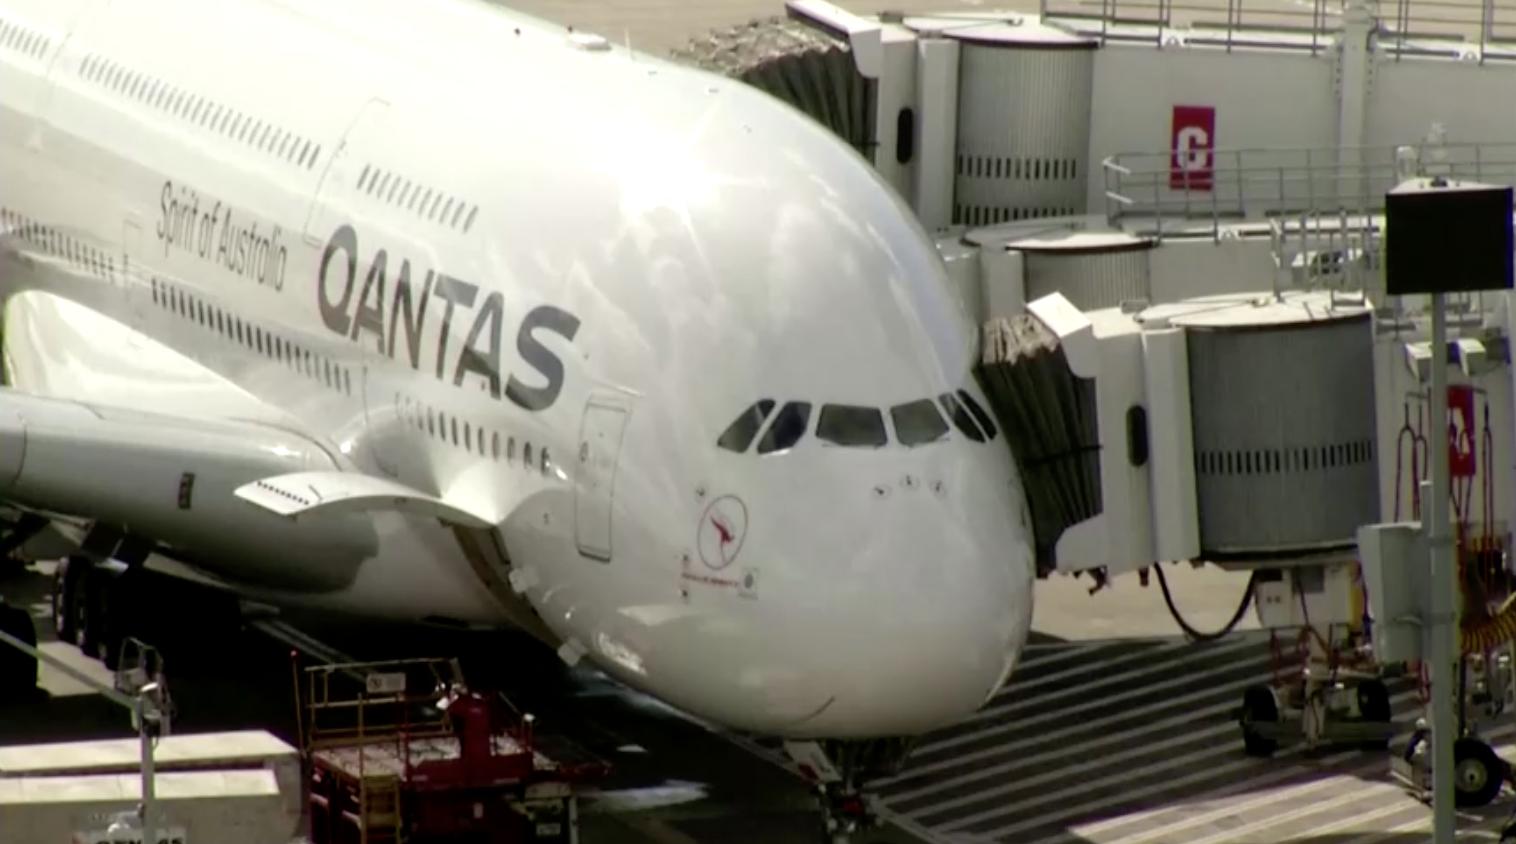 Phi trường Rome mở các chuyến bay được xét nghiệm COVID đến Hoa Kỳ với Delta, Alitalia